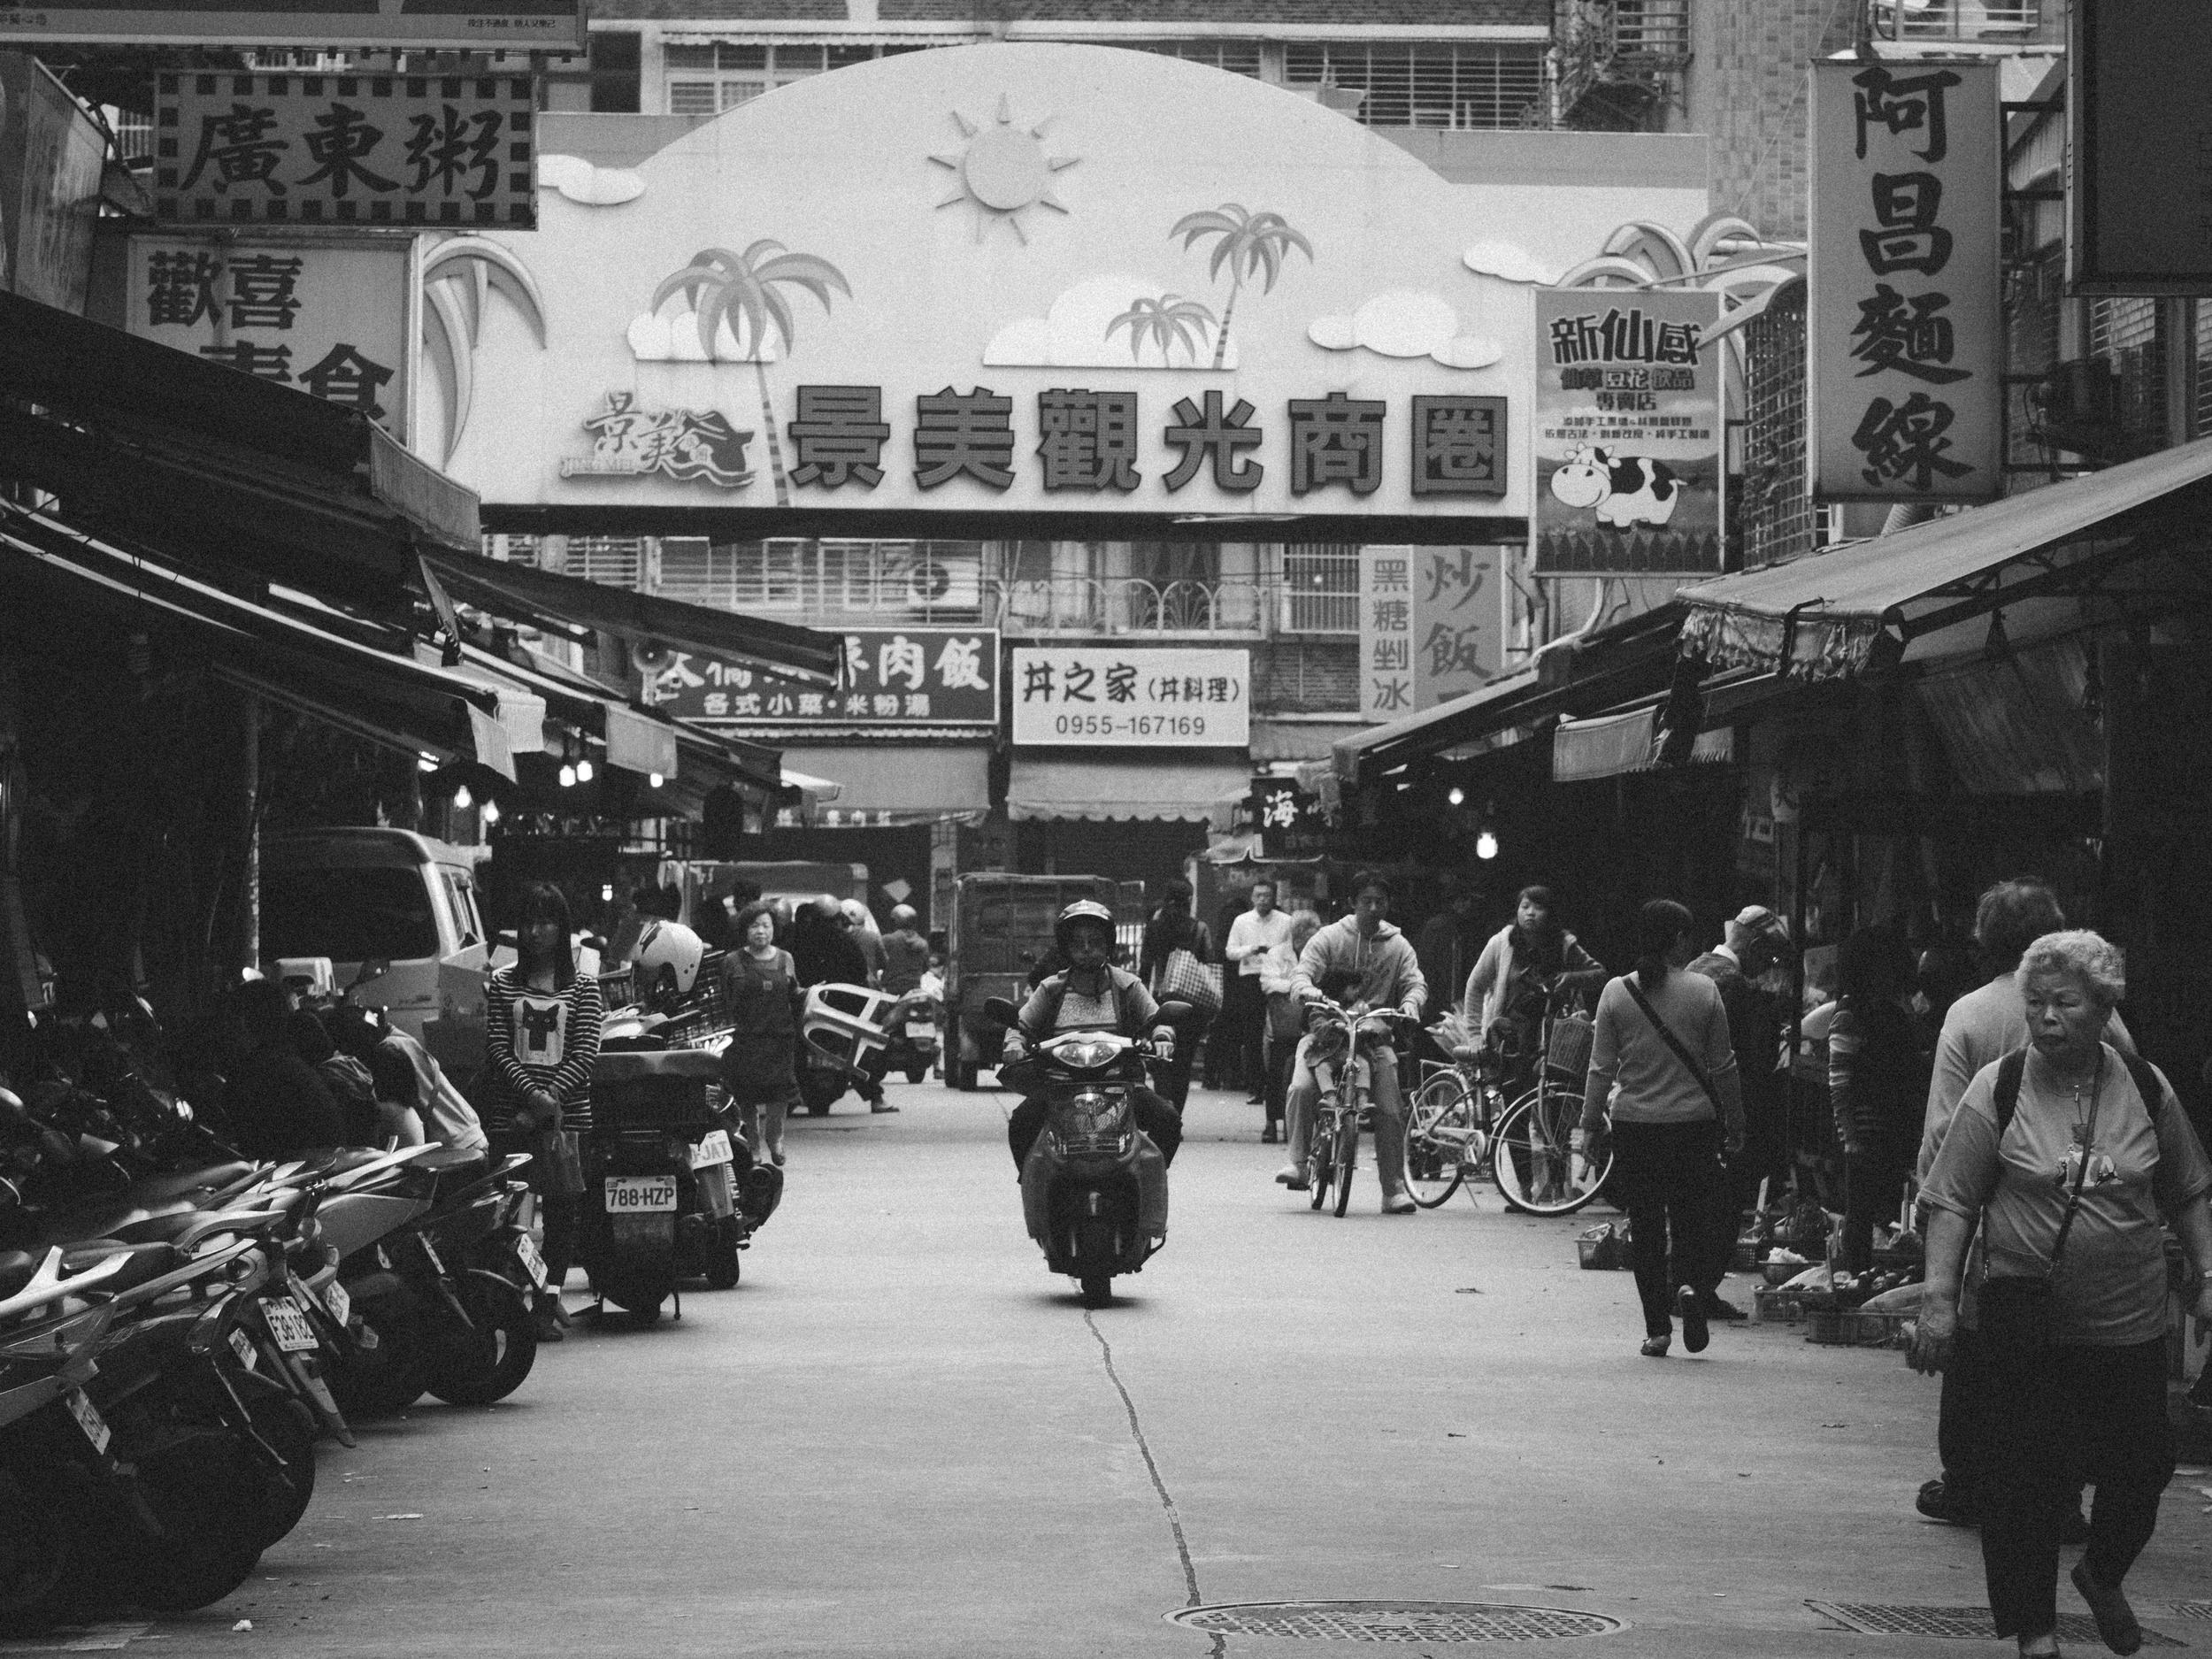 Taipei Streets - Black & White